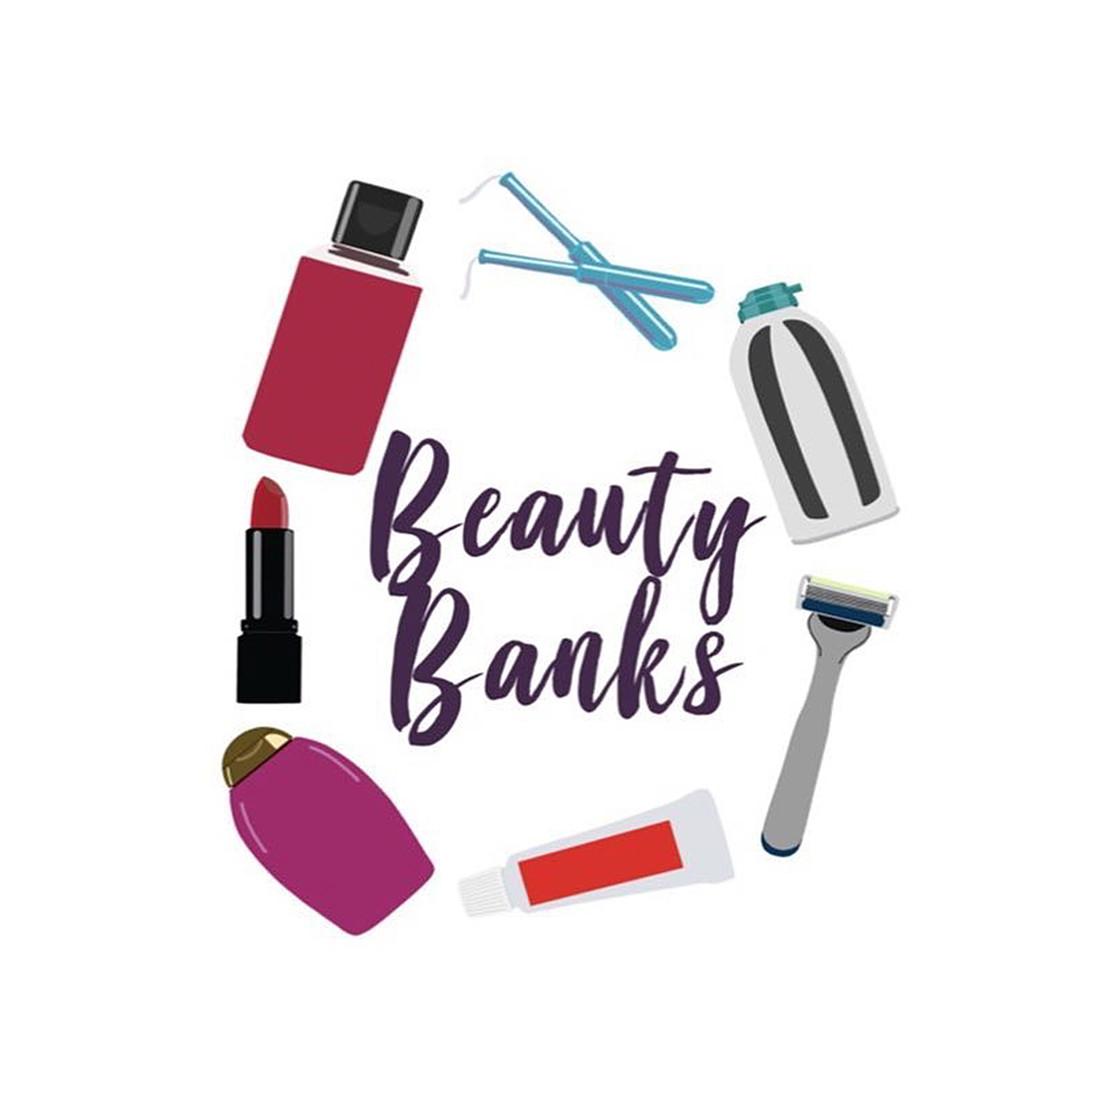 Beauty Banks Image .jpeg